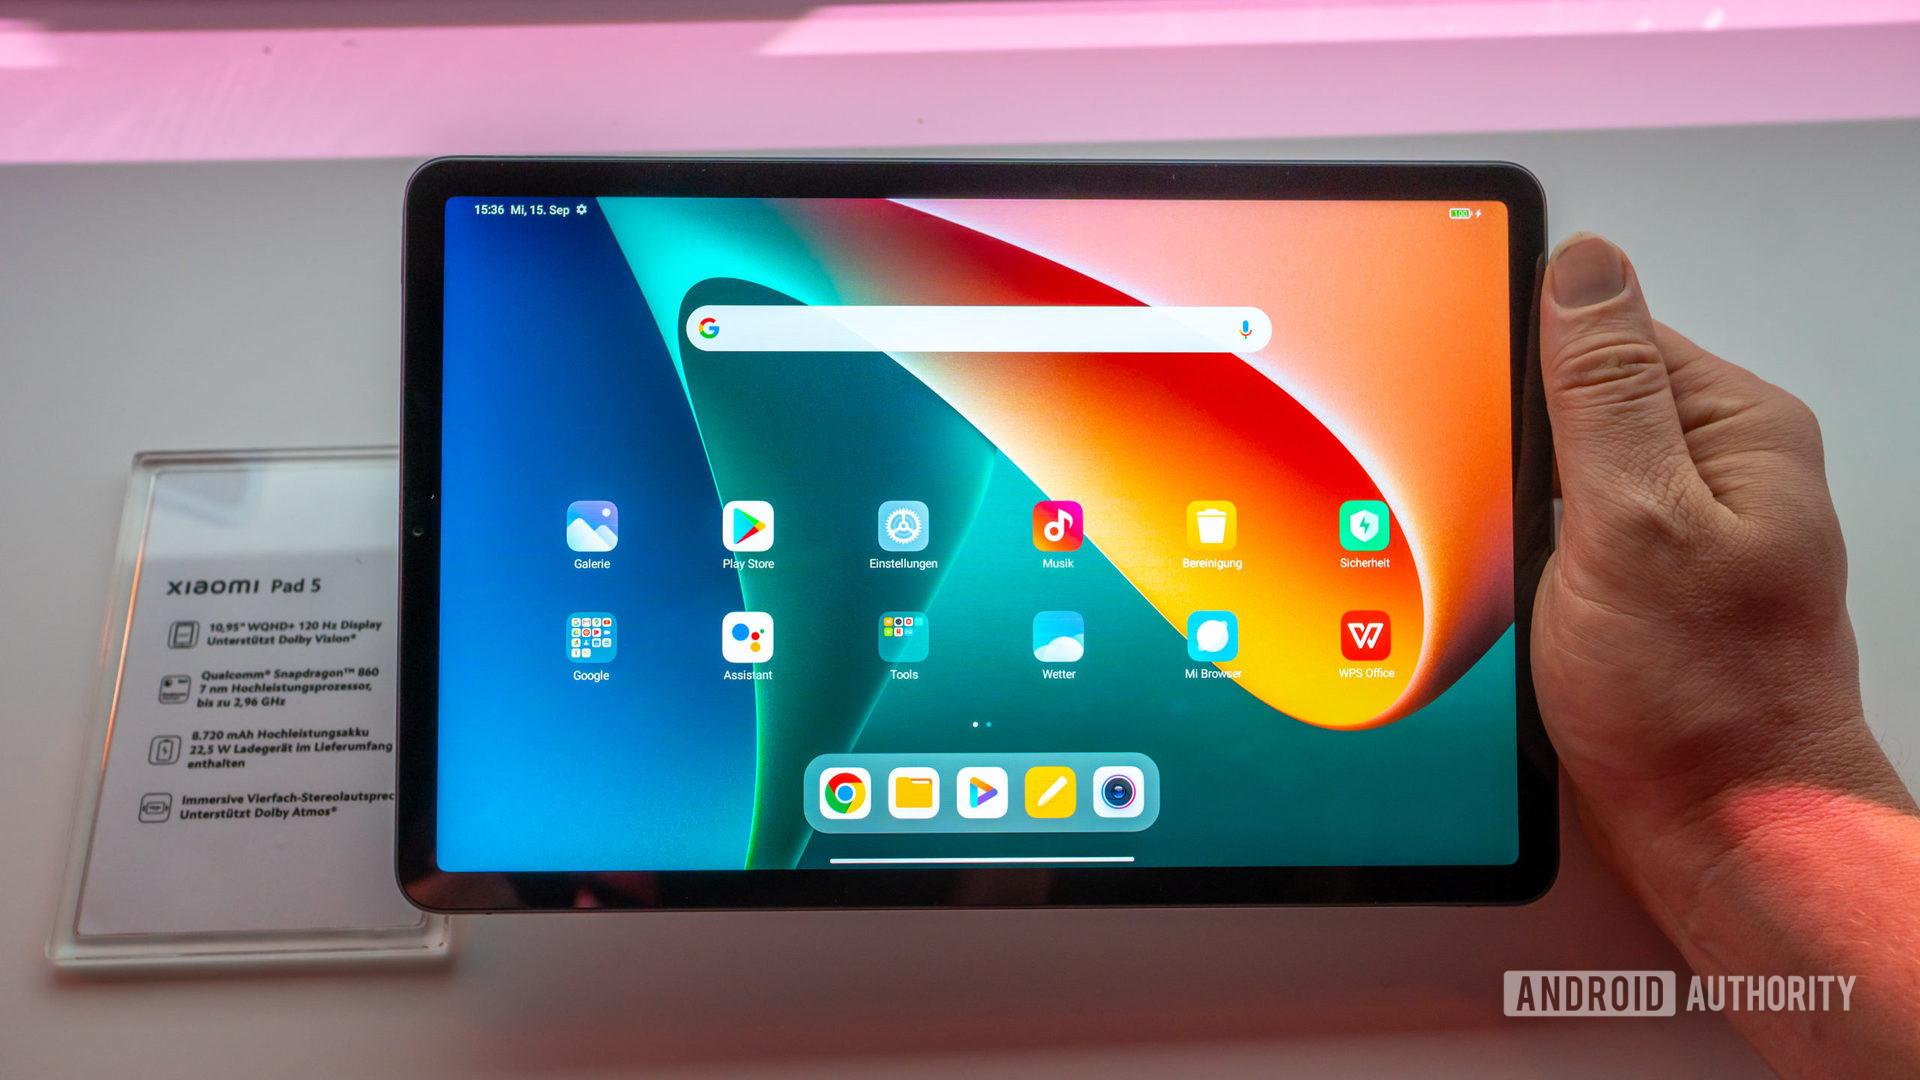 Xiaomi Pad 5 home screen